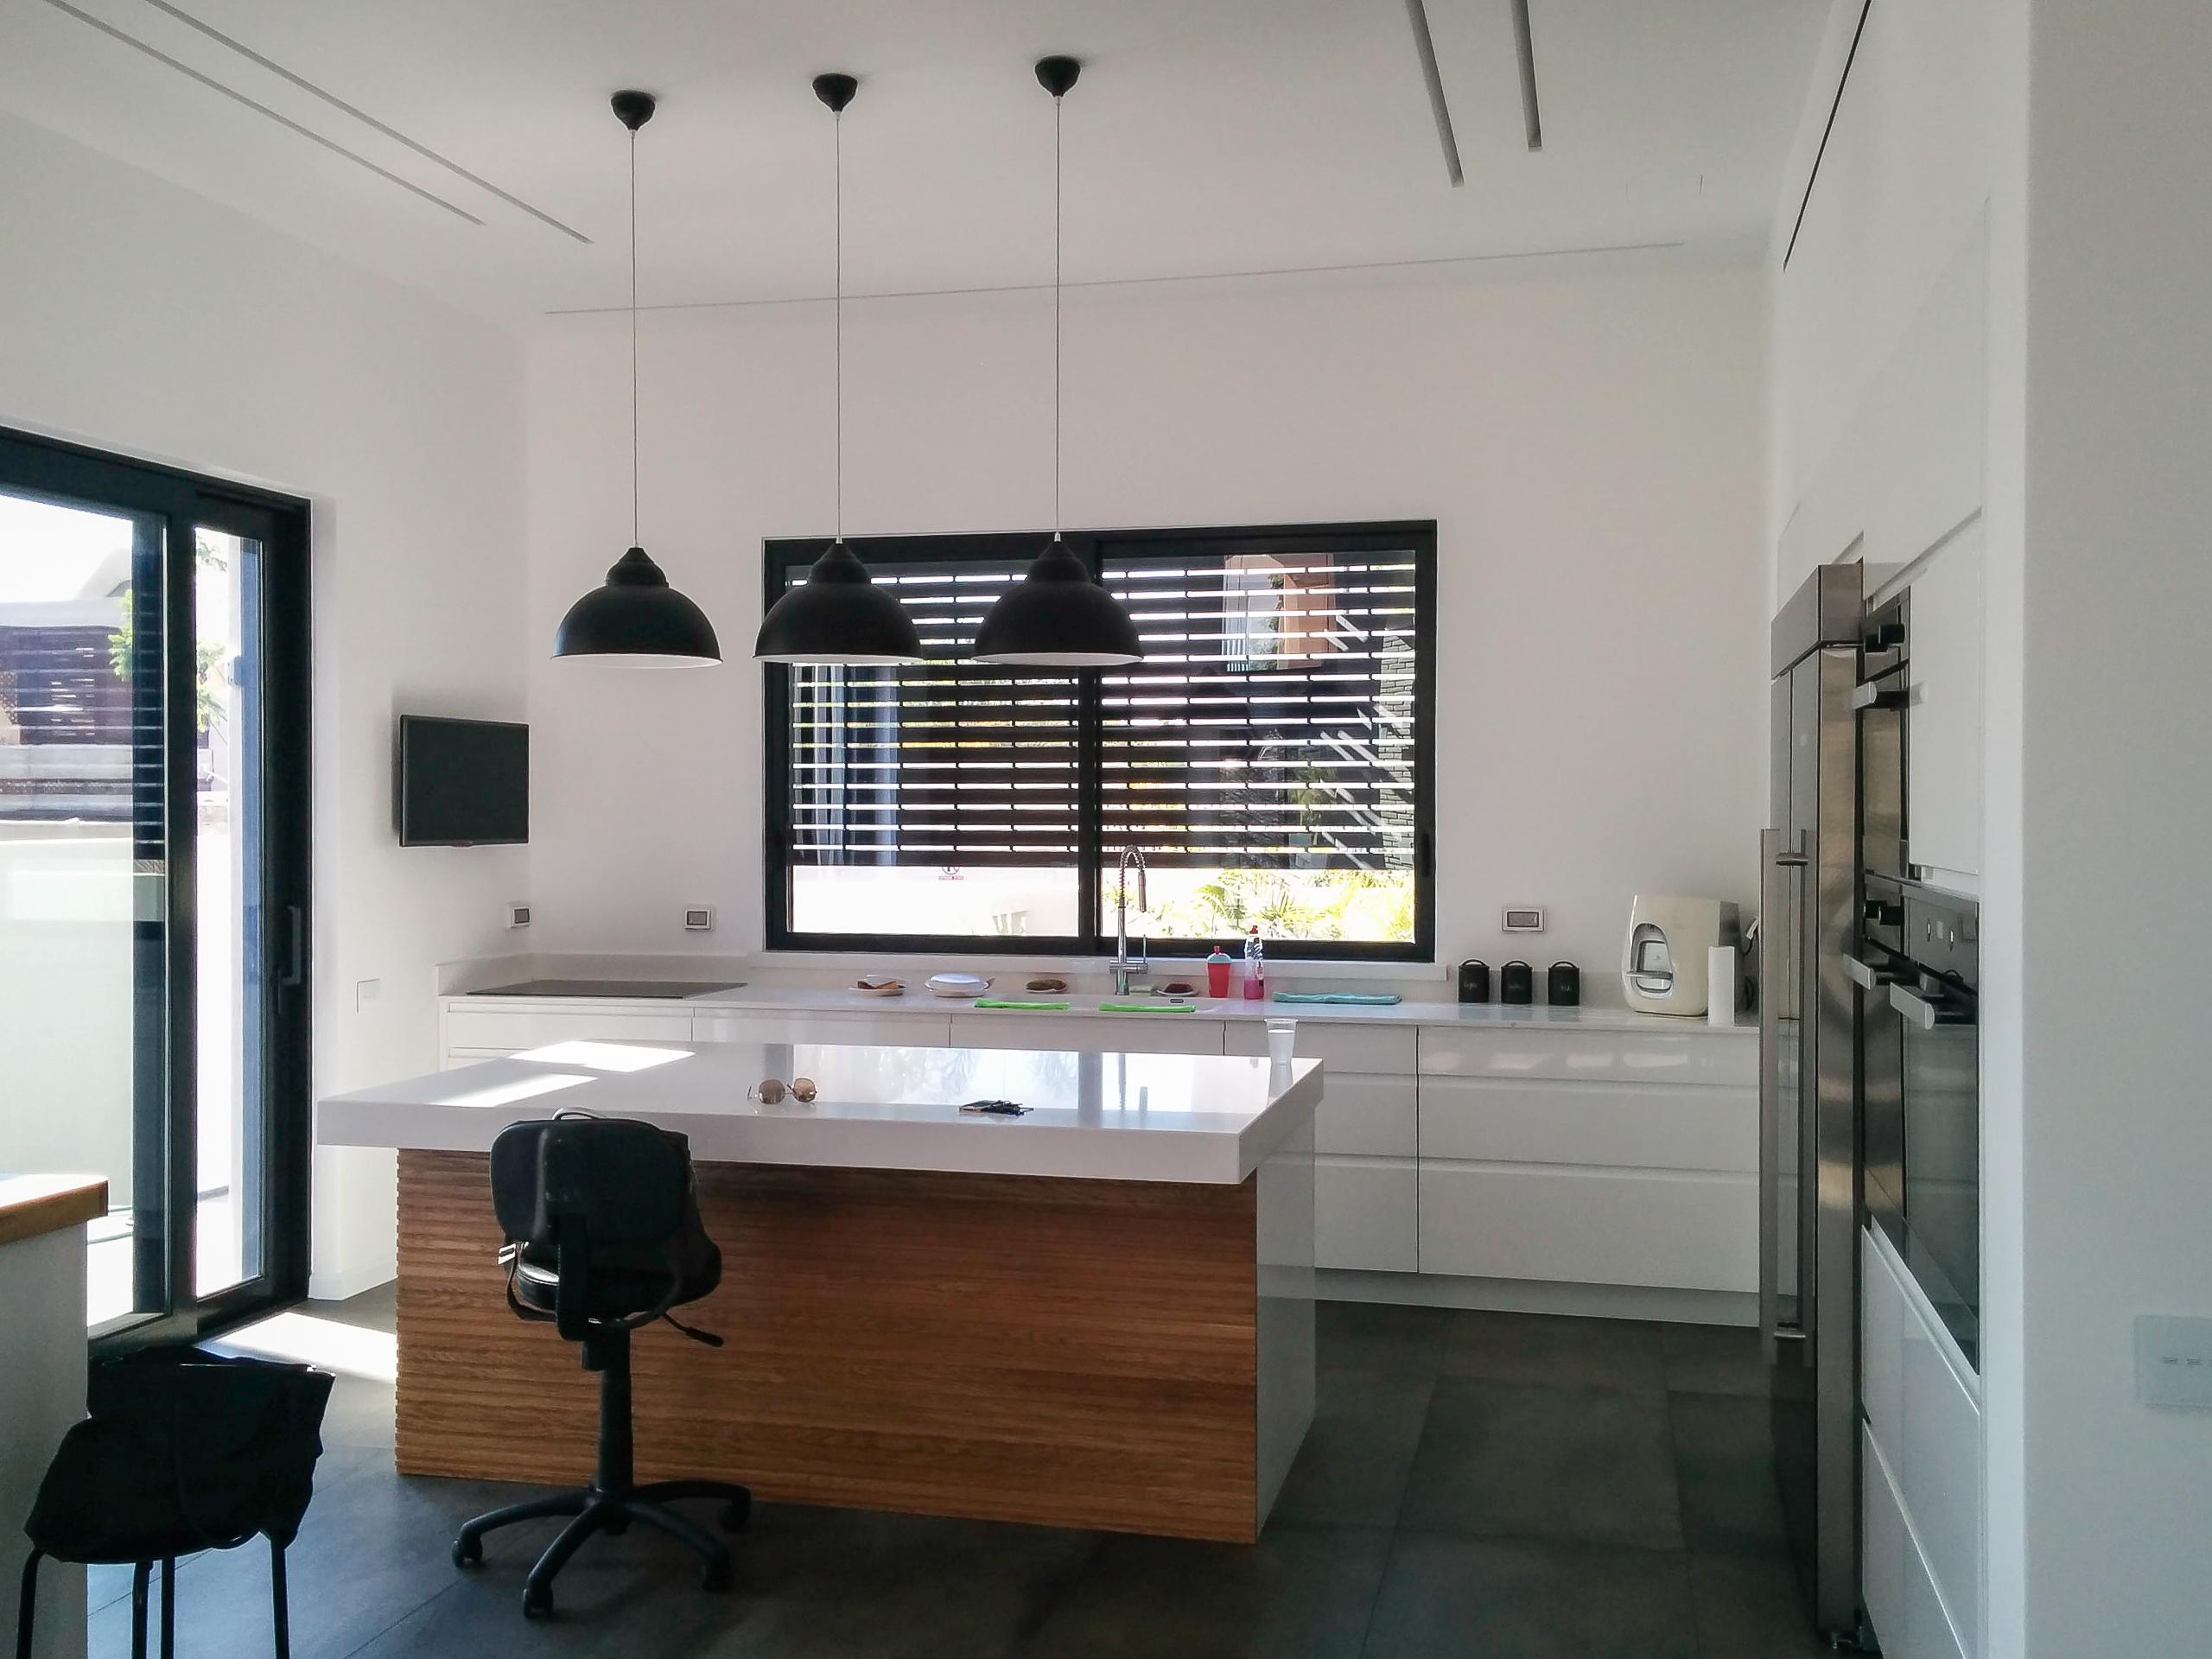 עיצוב מטבח לבן מבריק עץ ושחור